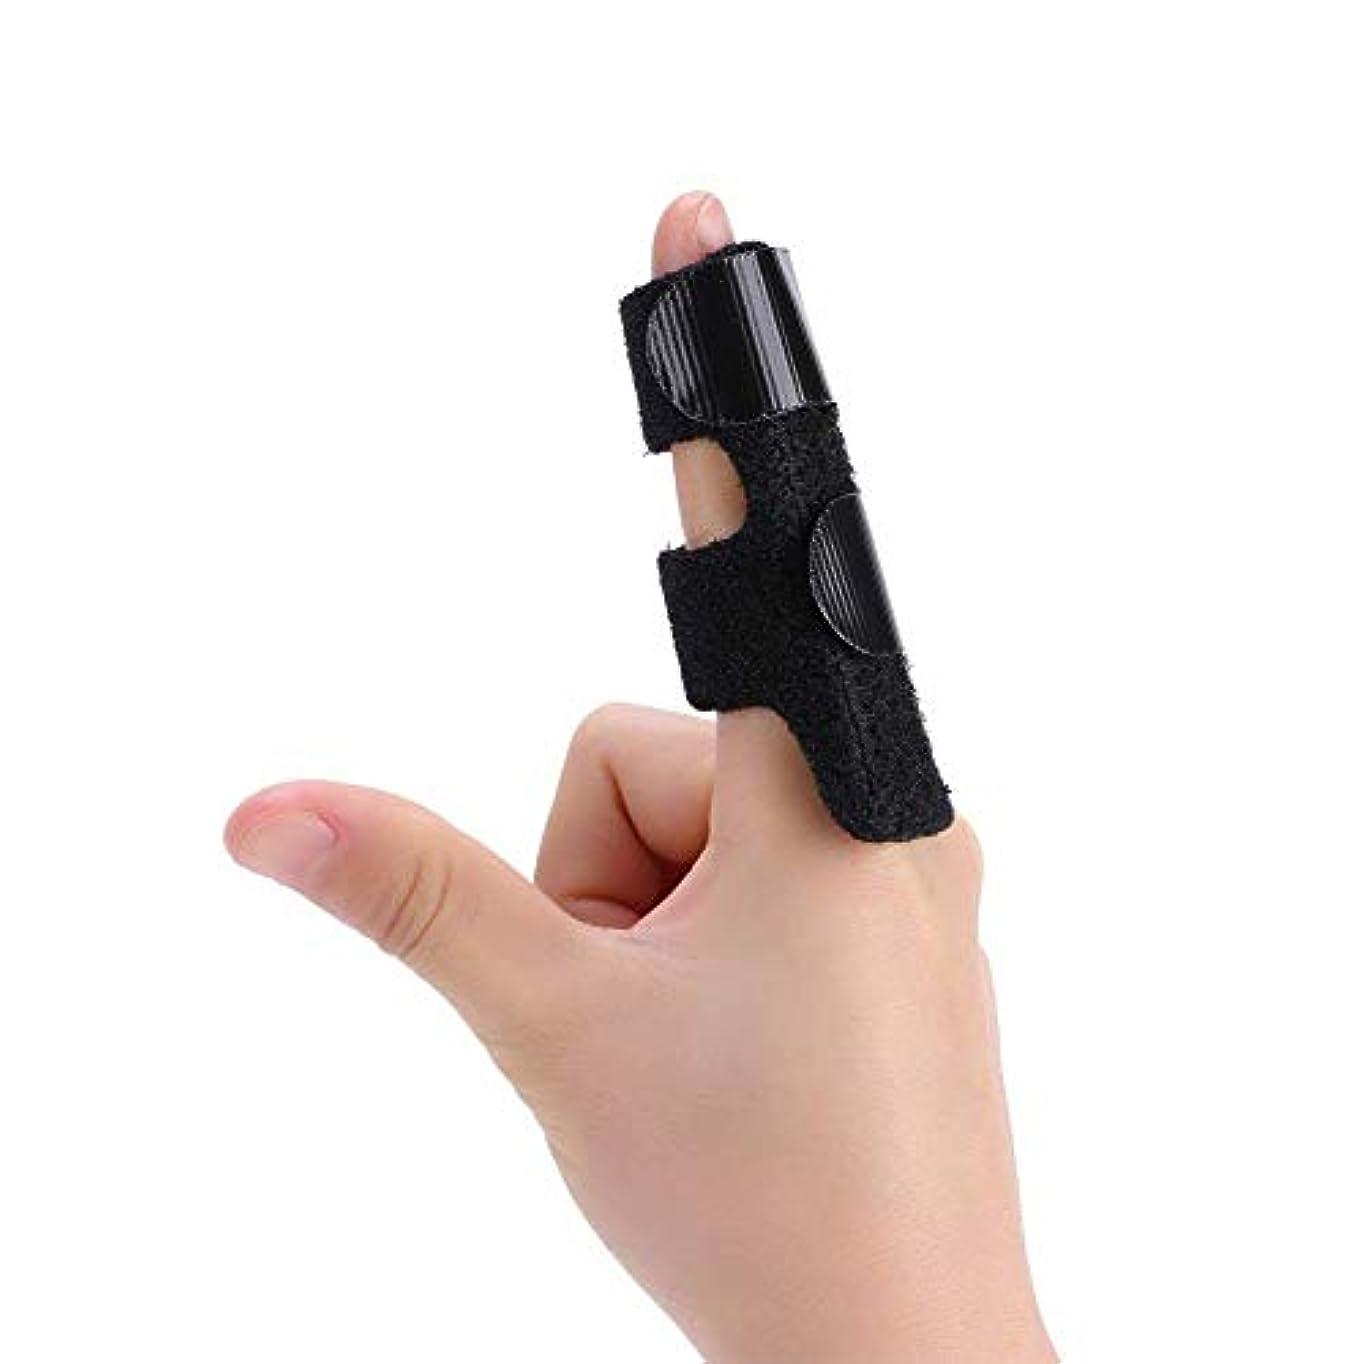 インチ褐色治世ばね指スプリント、指拡張スプリント、内蔵のアルミサポートトリガー、指ナックル固定化のために、指の骨折、傷、術後ケアと痛み - フル指用